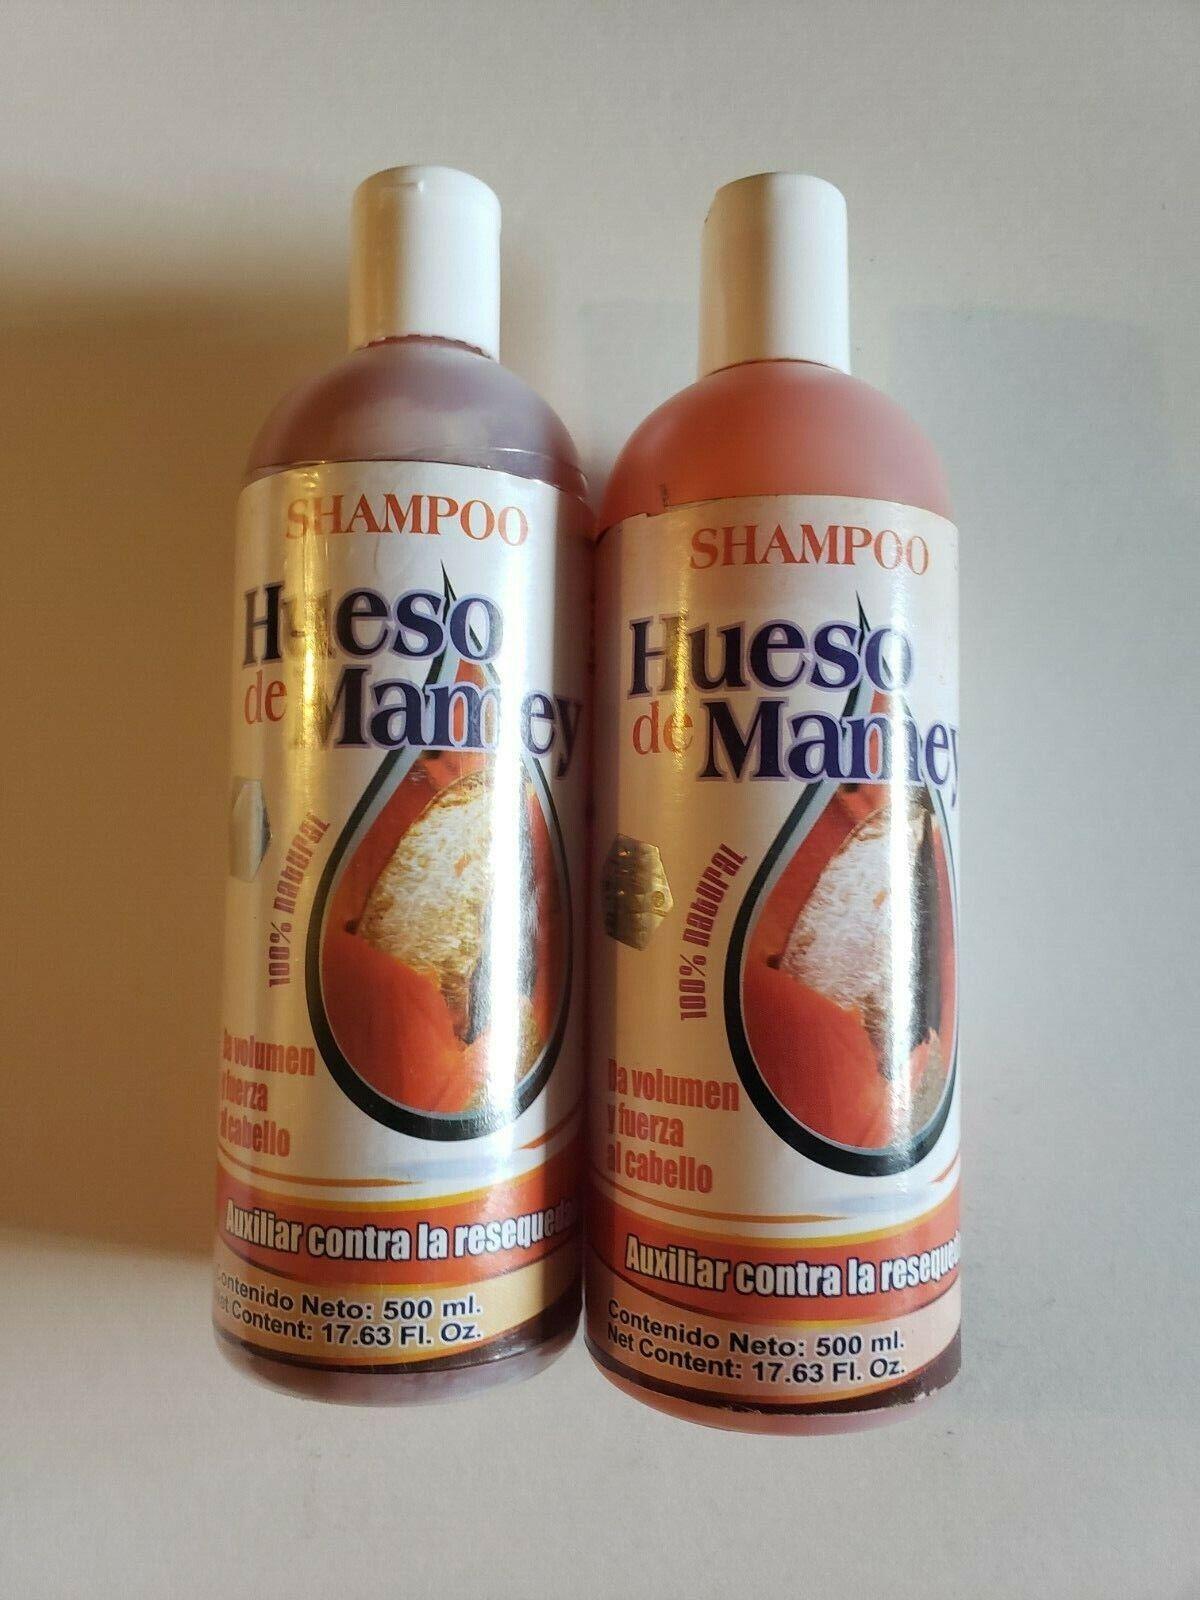 2 SHAMPOO HUESO DE MAMEY 100% NATURAL AUXILIAR CONTRA LA RESEQUEDA 17.63OZ